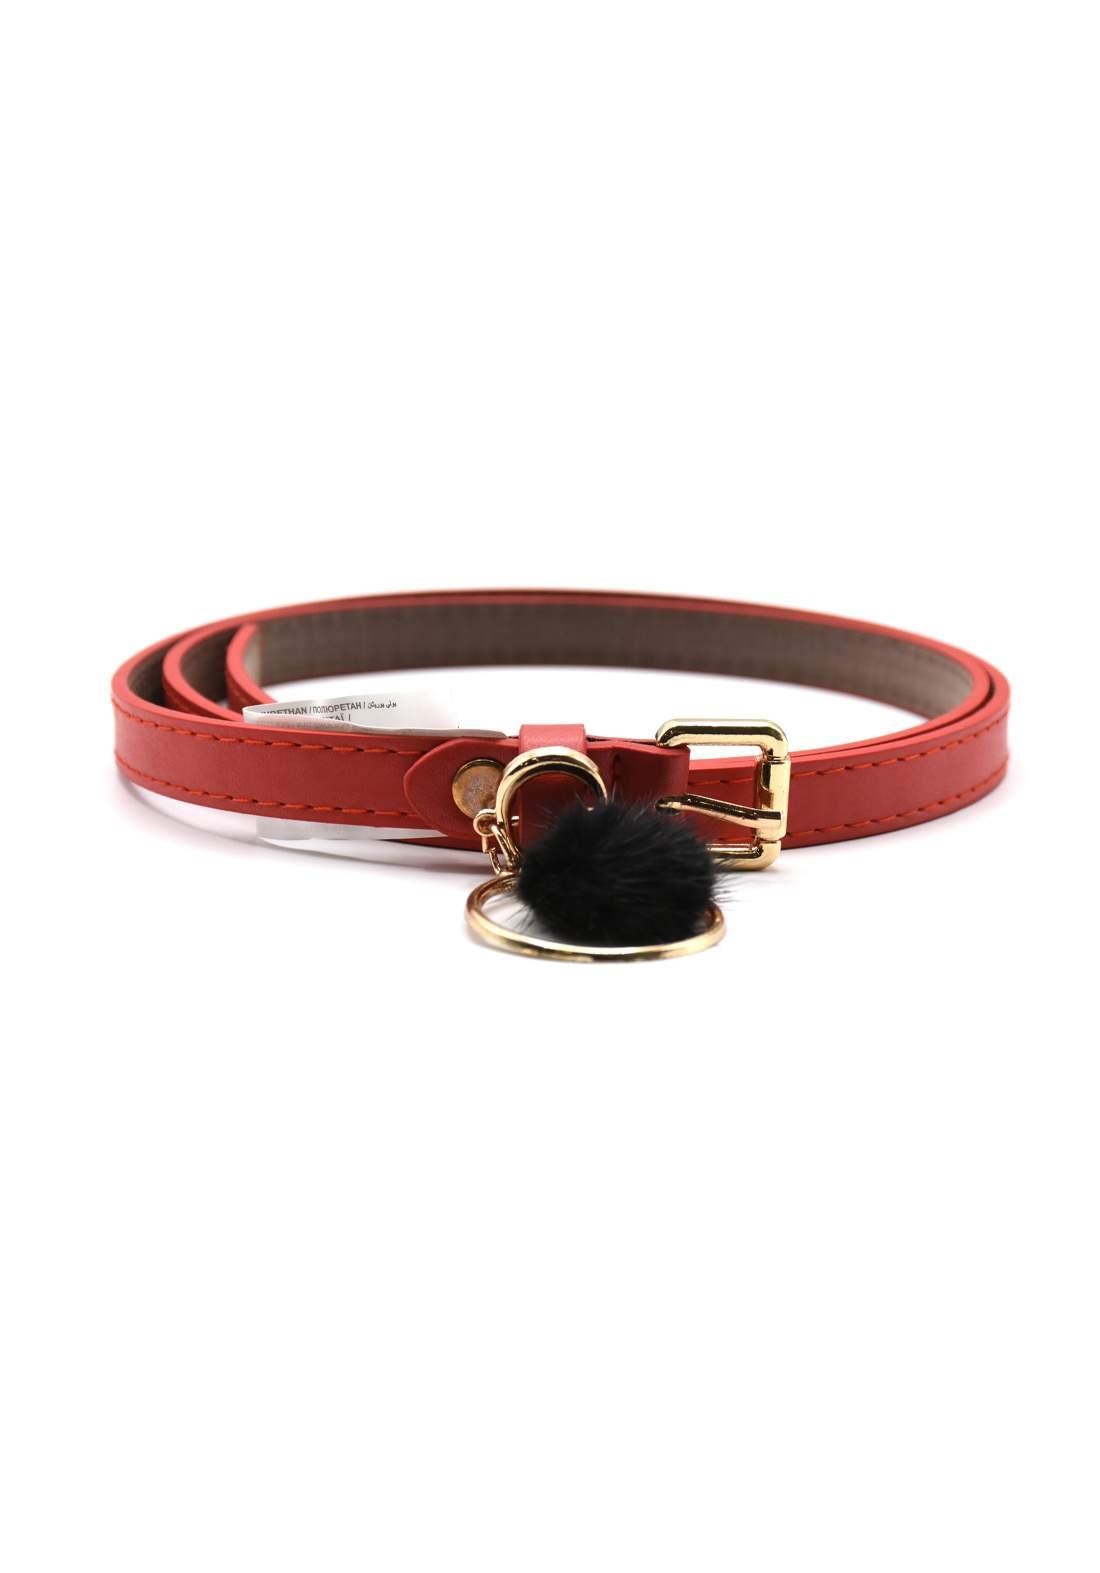 حزام نسائي جلد أحمر اللون بأبزيم ذهبي  104 سم